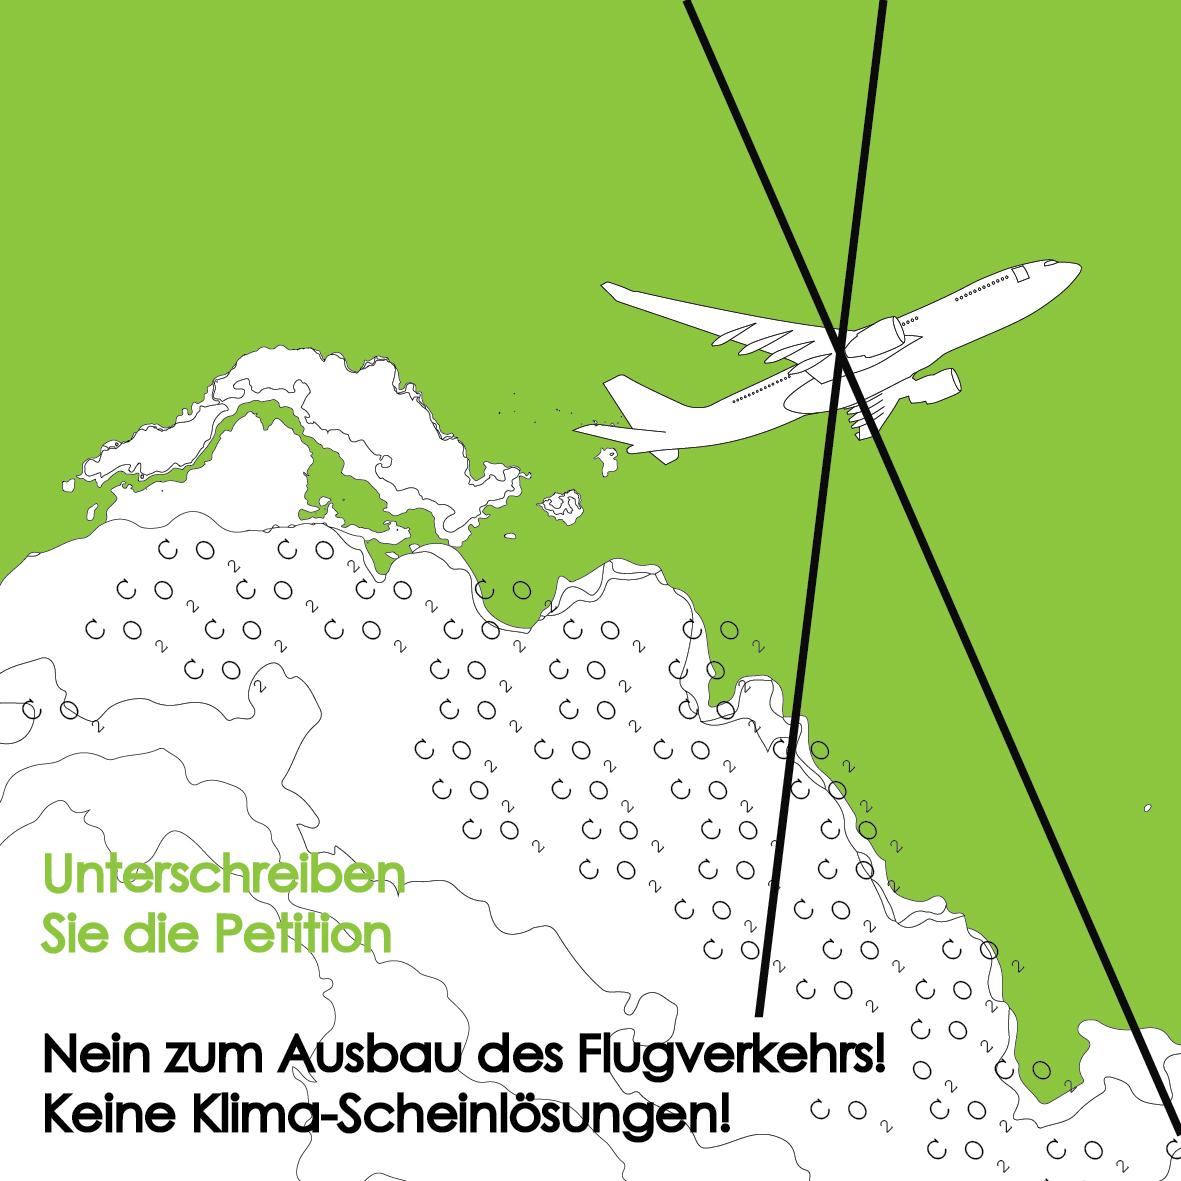 Nein zum Ausbau des Flugverkehrs! Keine Klima-Scheinlösungen